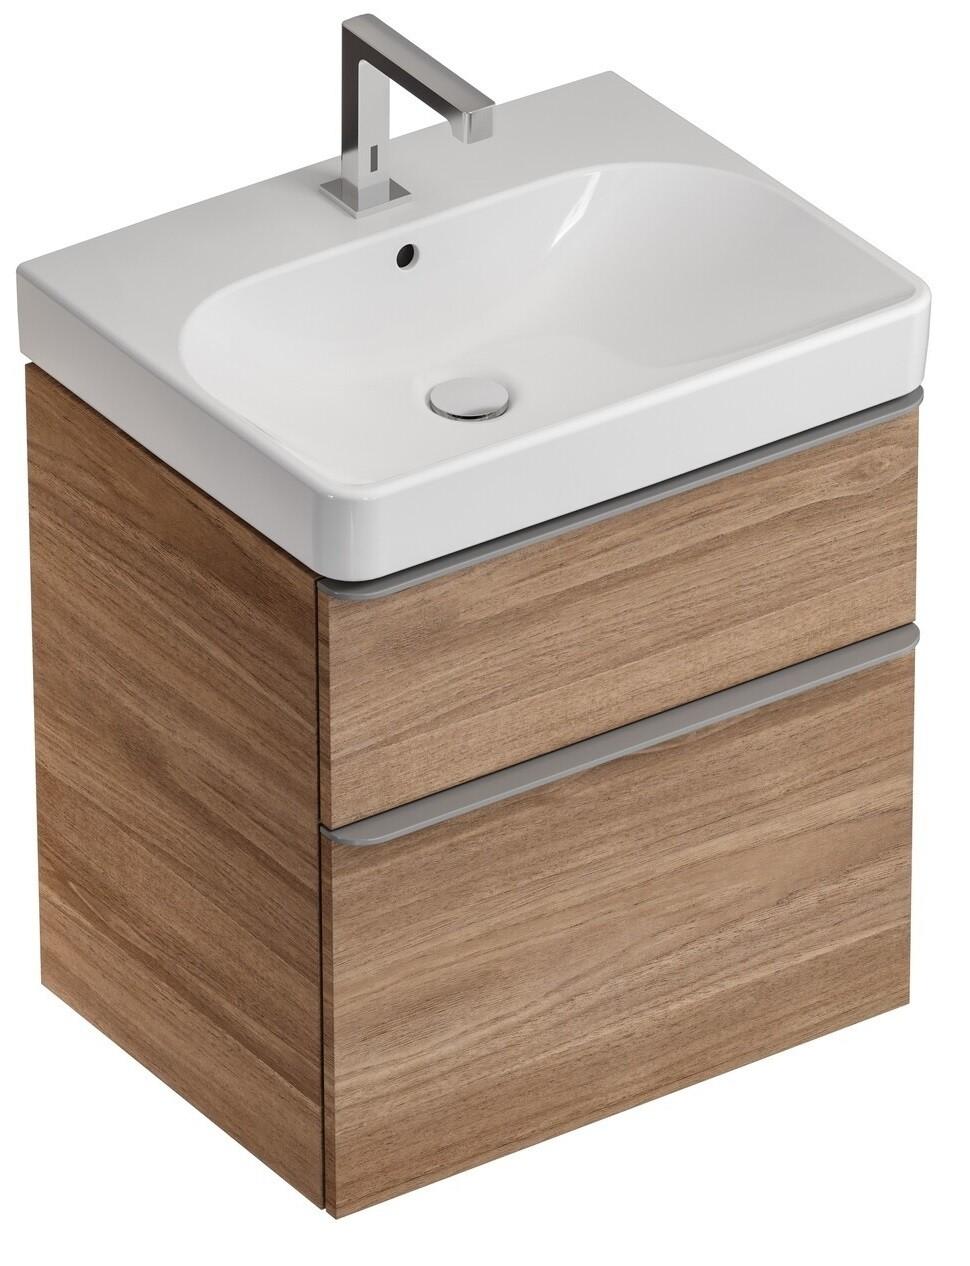 Meuble bas Geberit Smyle Square pour lavabo 60 cm avec deux tiroirs en noyer Carya